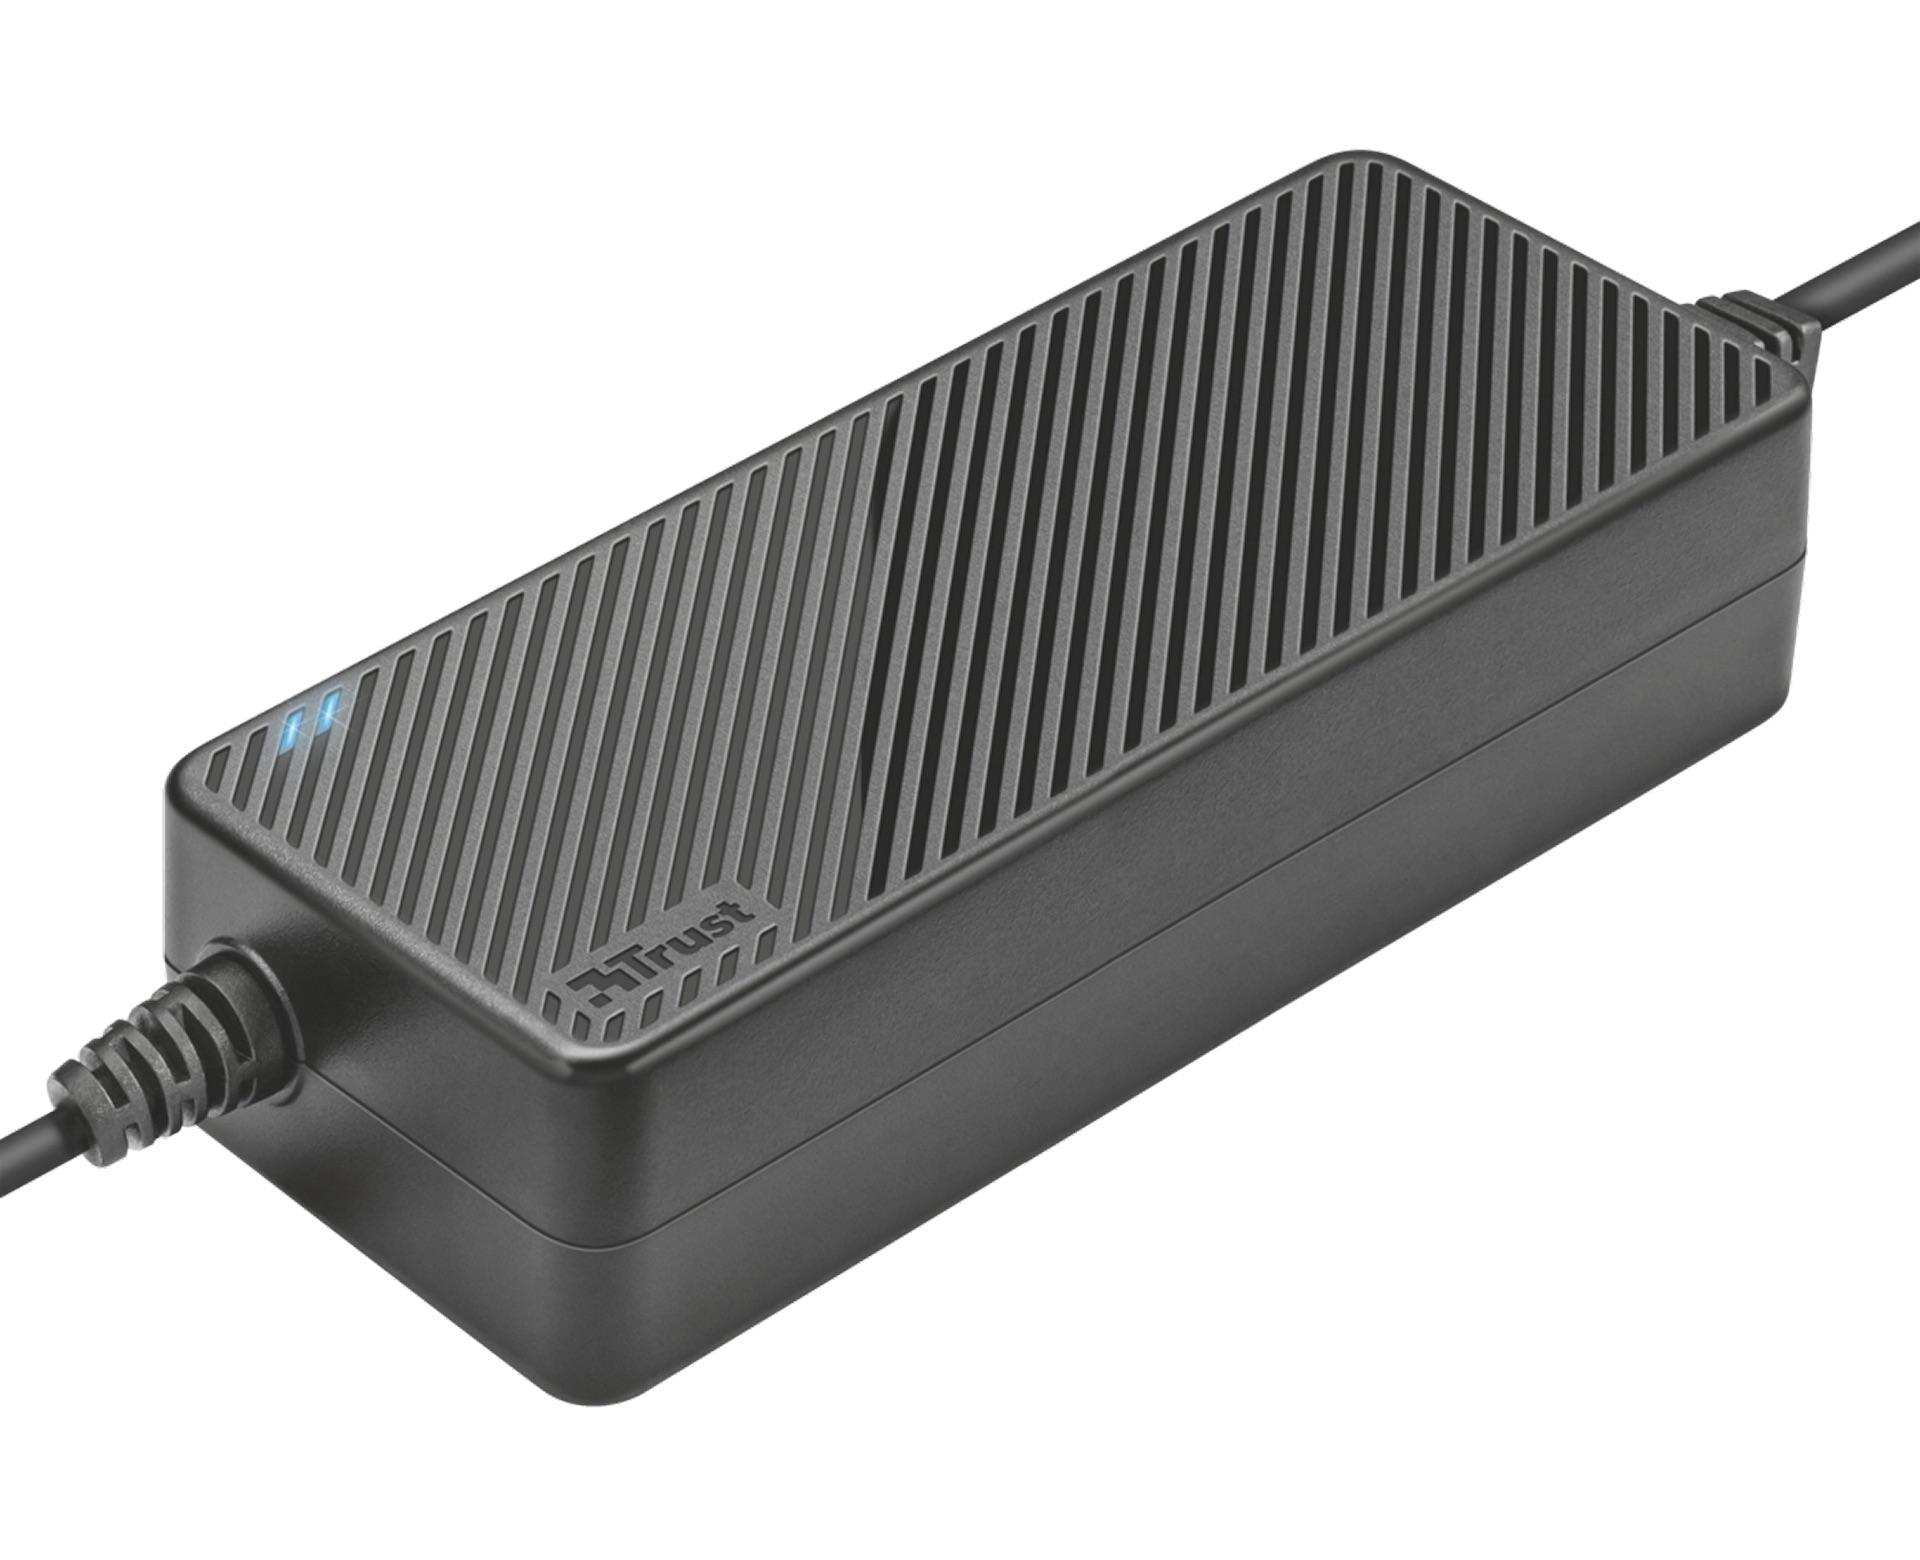 nabíječka TRUST Plug and Go 120W Laptop charger